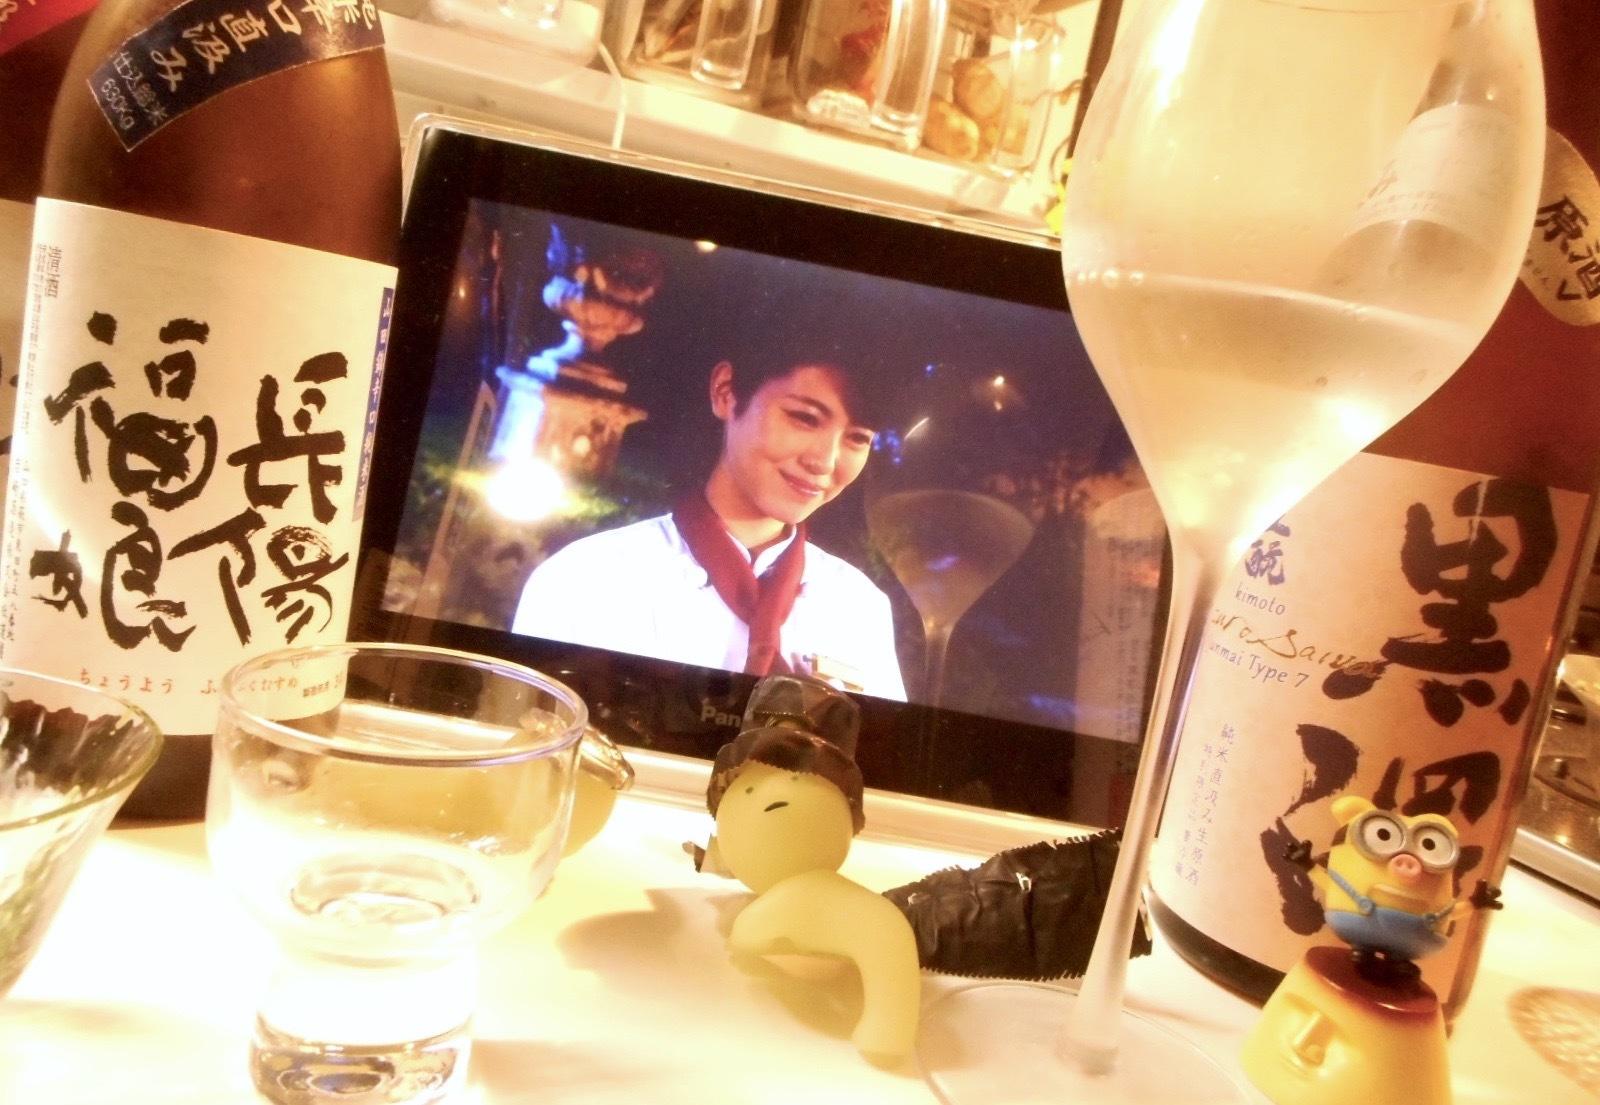 kurosawa_type7_2_29by6.jpg